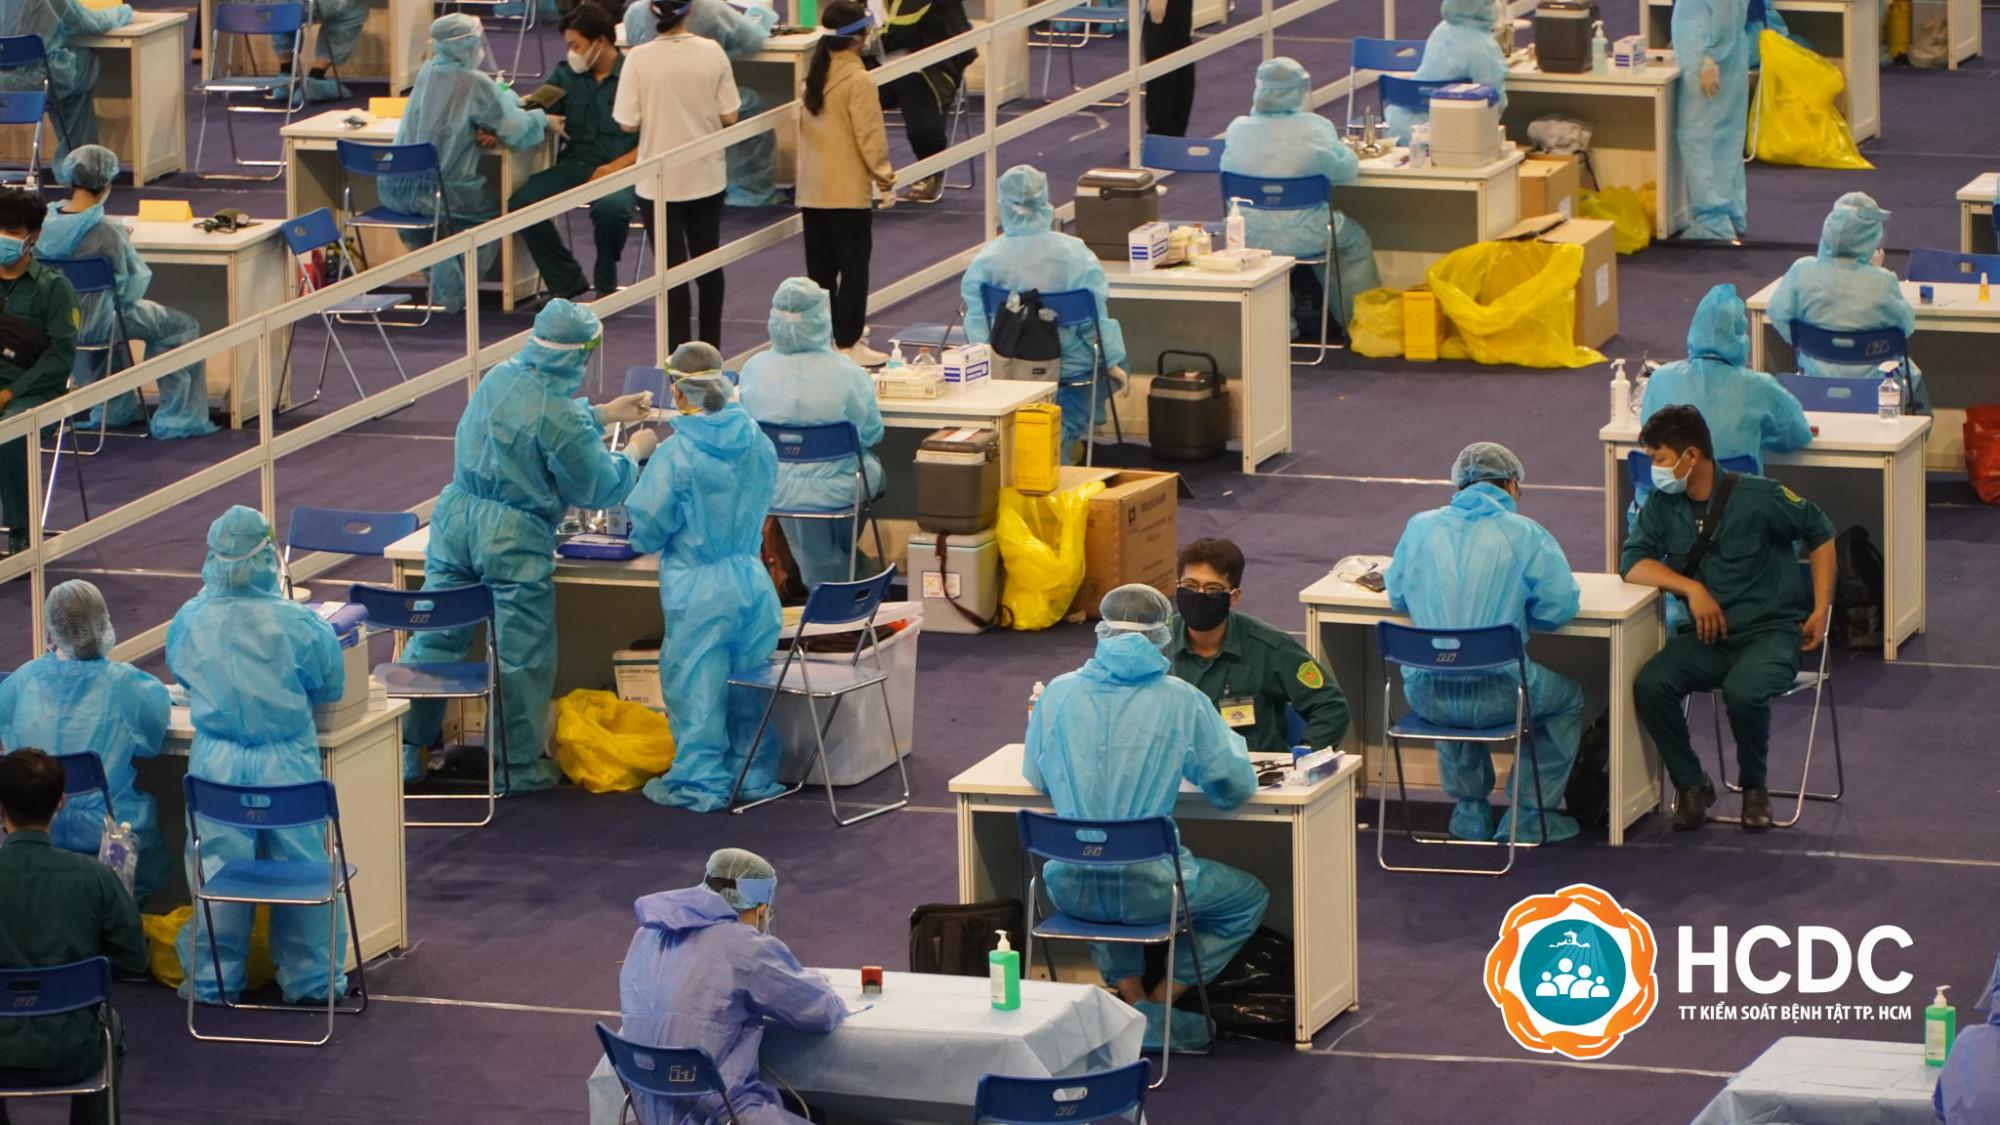 Tiêm vắc xin COVID-19 tại Nhà thi đấu Phú Thọ hôm 24/6/2021. Ảnh HCDC